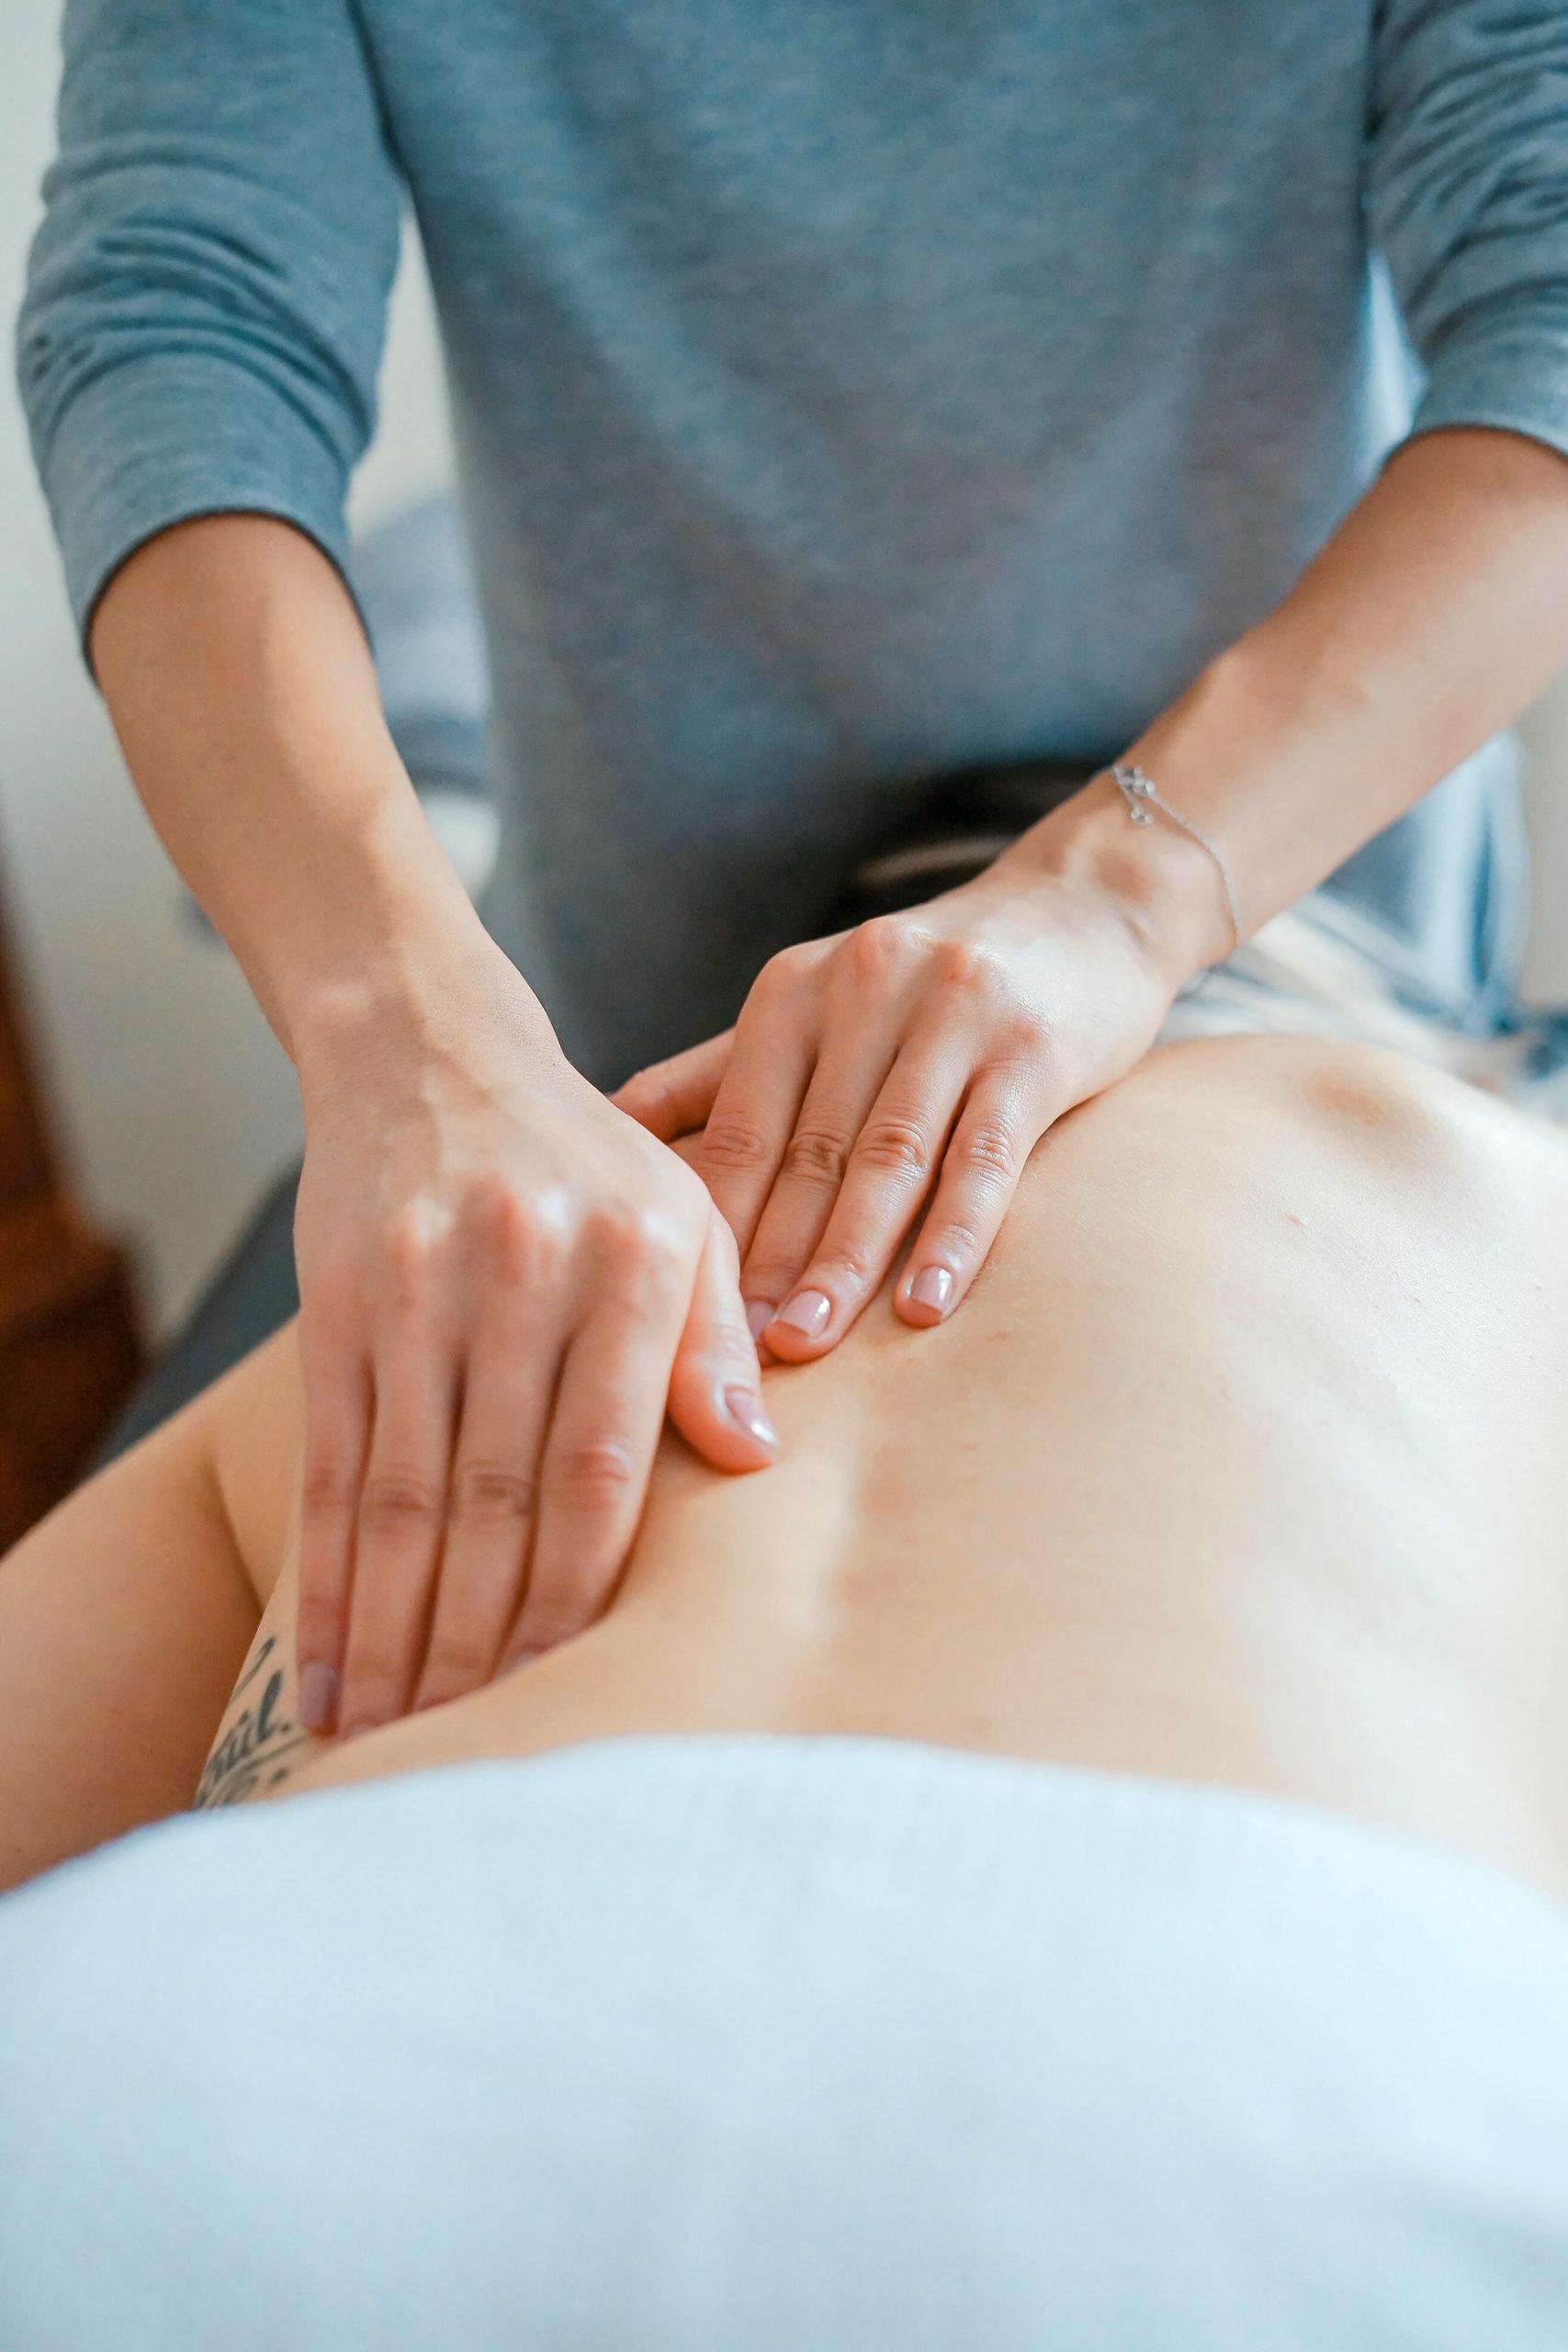 Schönheit, Gesundheit und Pflege gehen bei den ganzheitlichen Behandlungen Hand in Hand